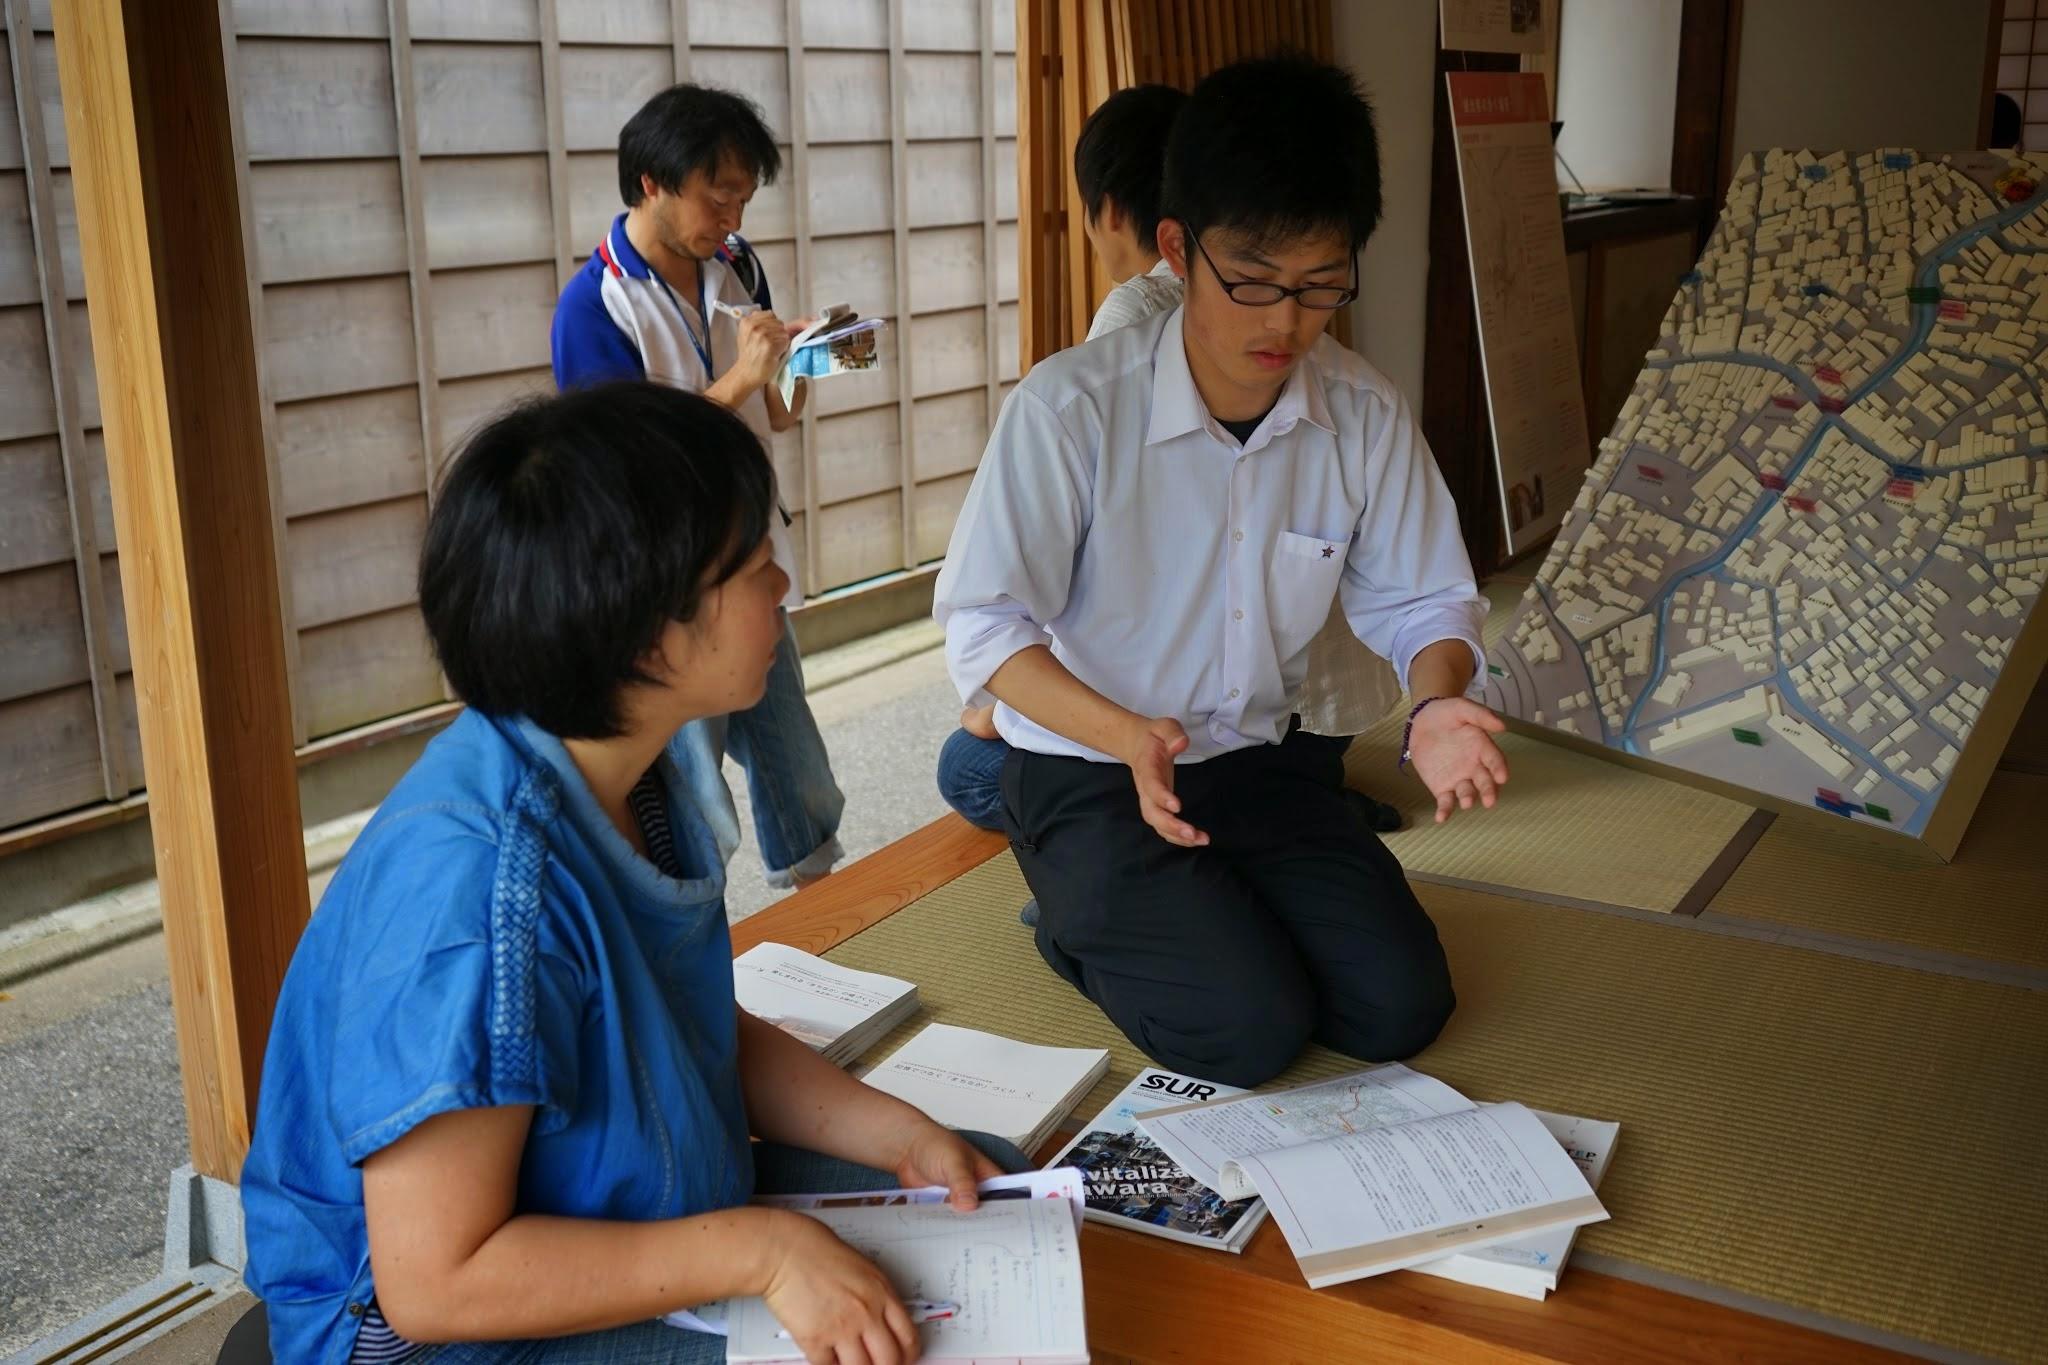 http://ud.t.u-tokyo.ac.jp/blog/_images/DSC03879.JPG